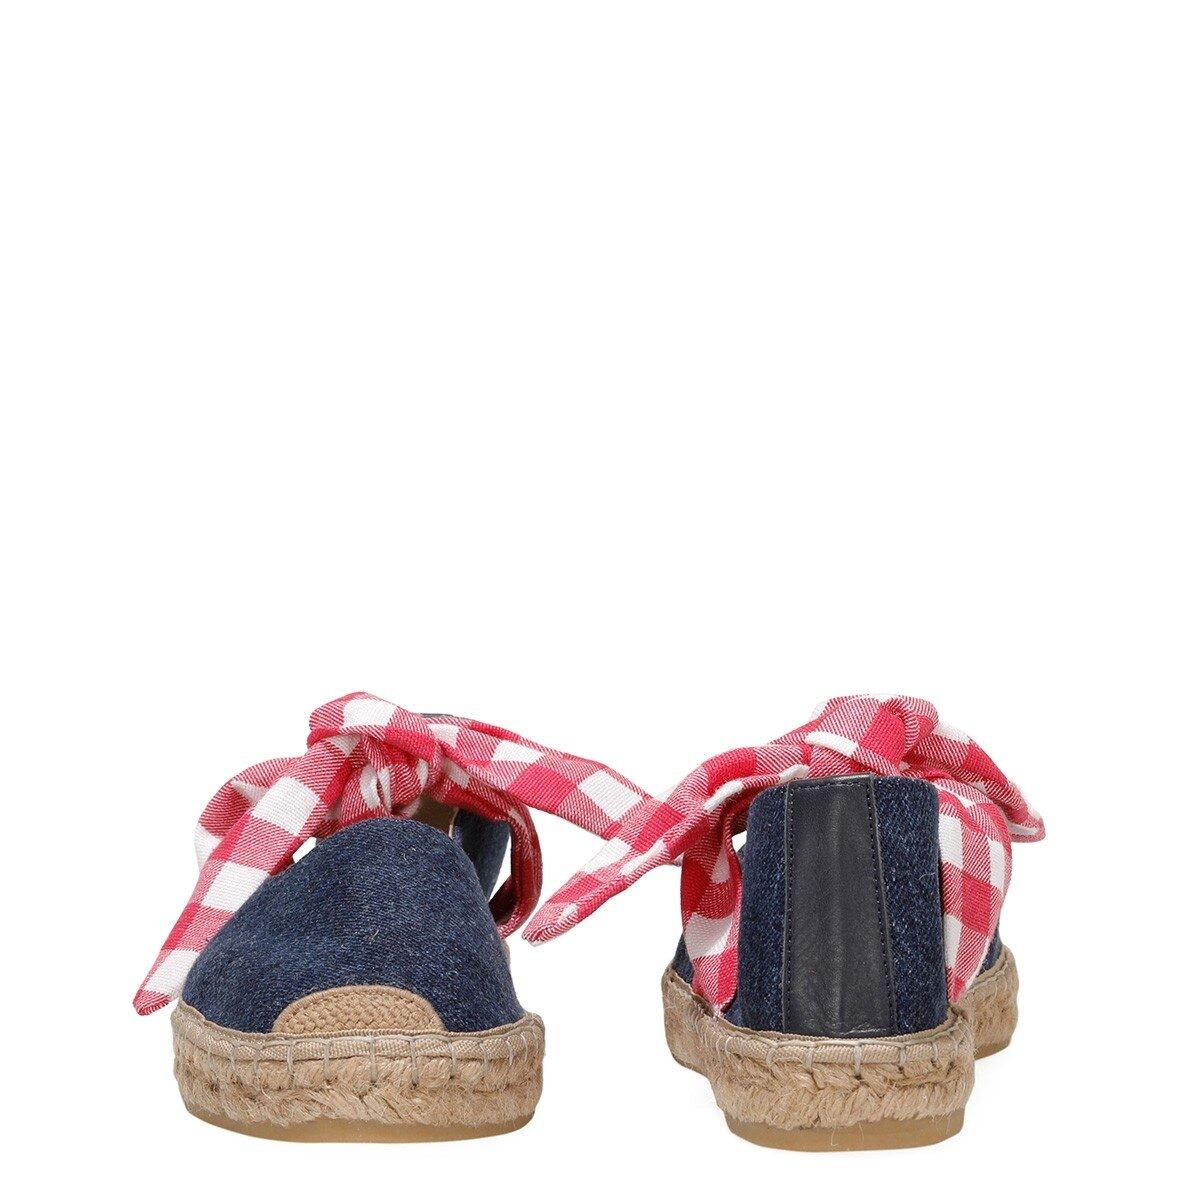 YOALI 1 FX Lacivert Kadın Espadril Ayakkabı